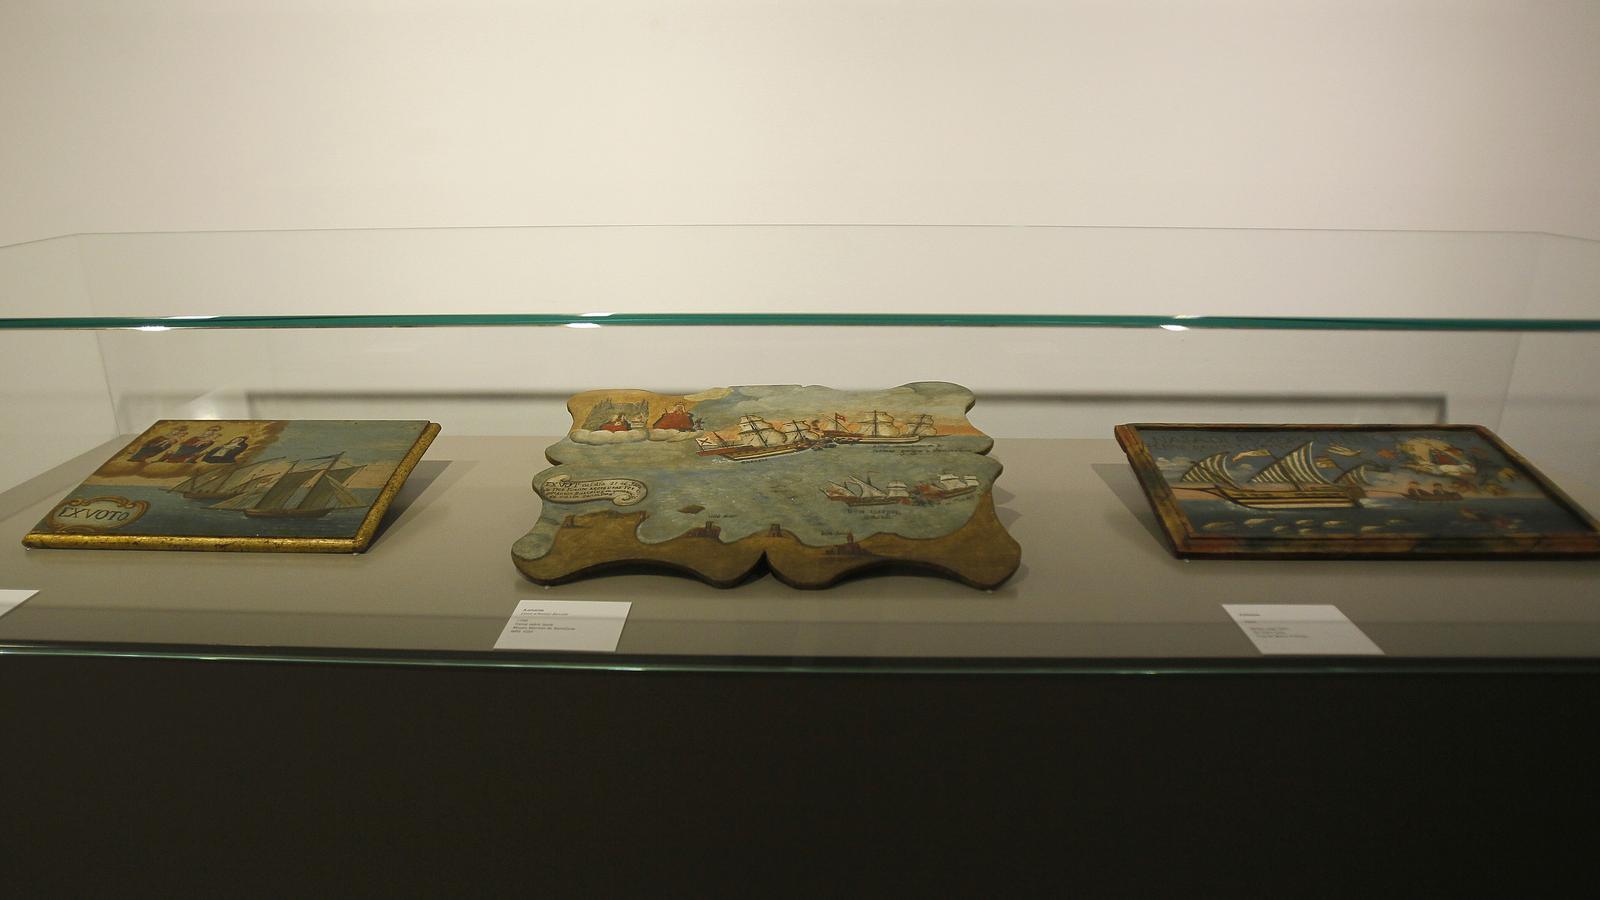 Peces de l'exposició al museu de Mallorca sobre la figura del capità Antoni Barceló.